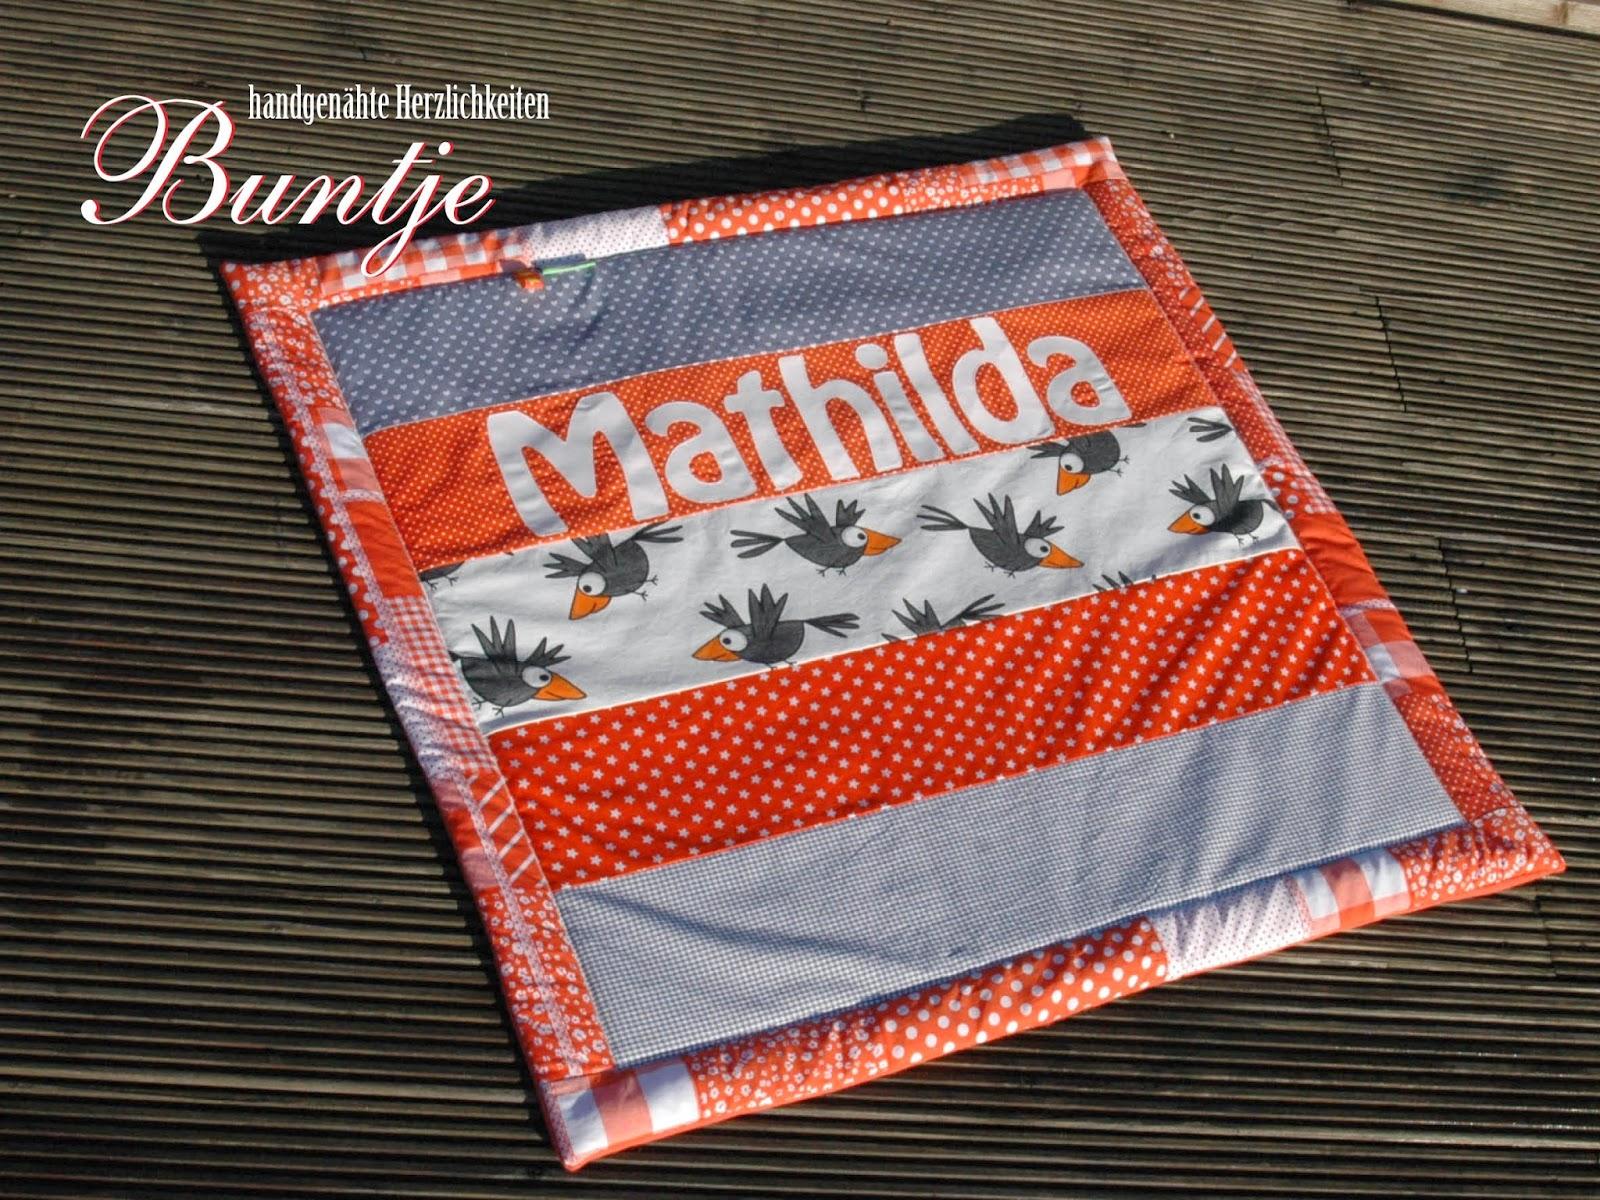 Krabbeldecke Kuscheldecke Decke Baby Name Geschenk Geburt Taufe Mädchen Mathilda orange grau Amsel Rabe Vogel Fleece Baumwolle Buntje nähen